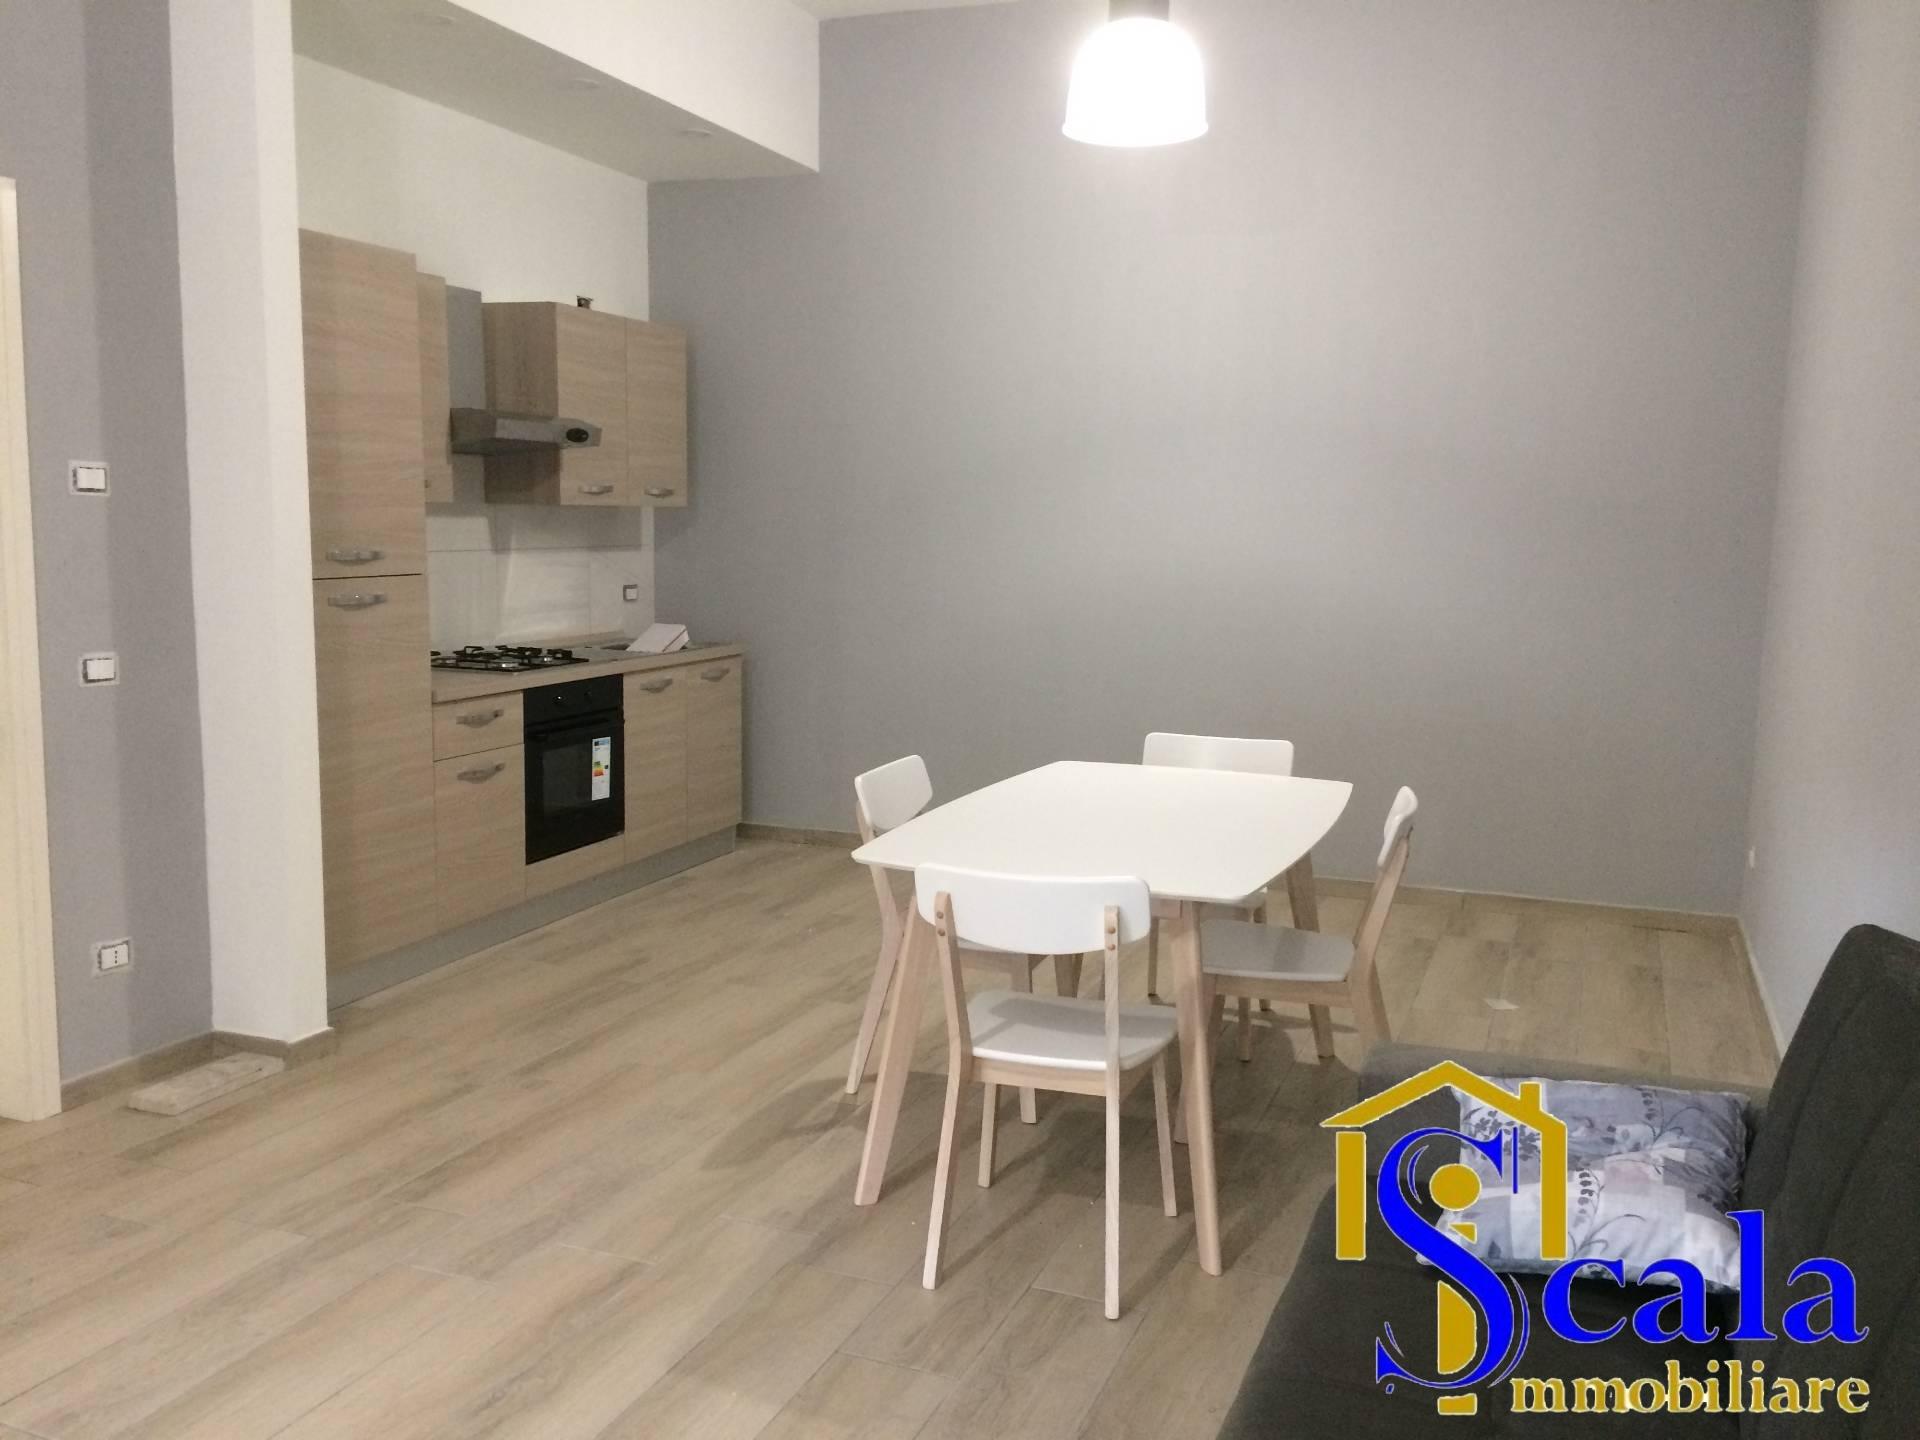 Appartamento in affitto a Curti, 2 locali, prezzo € 400 | CambioCasa.it